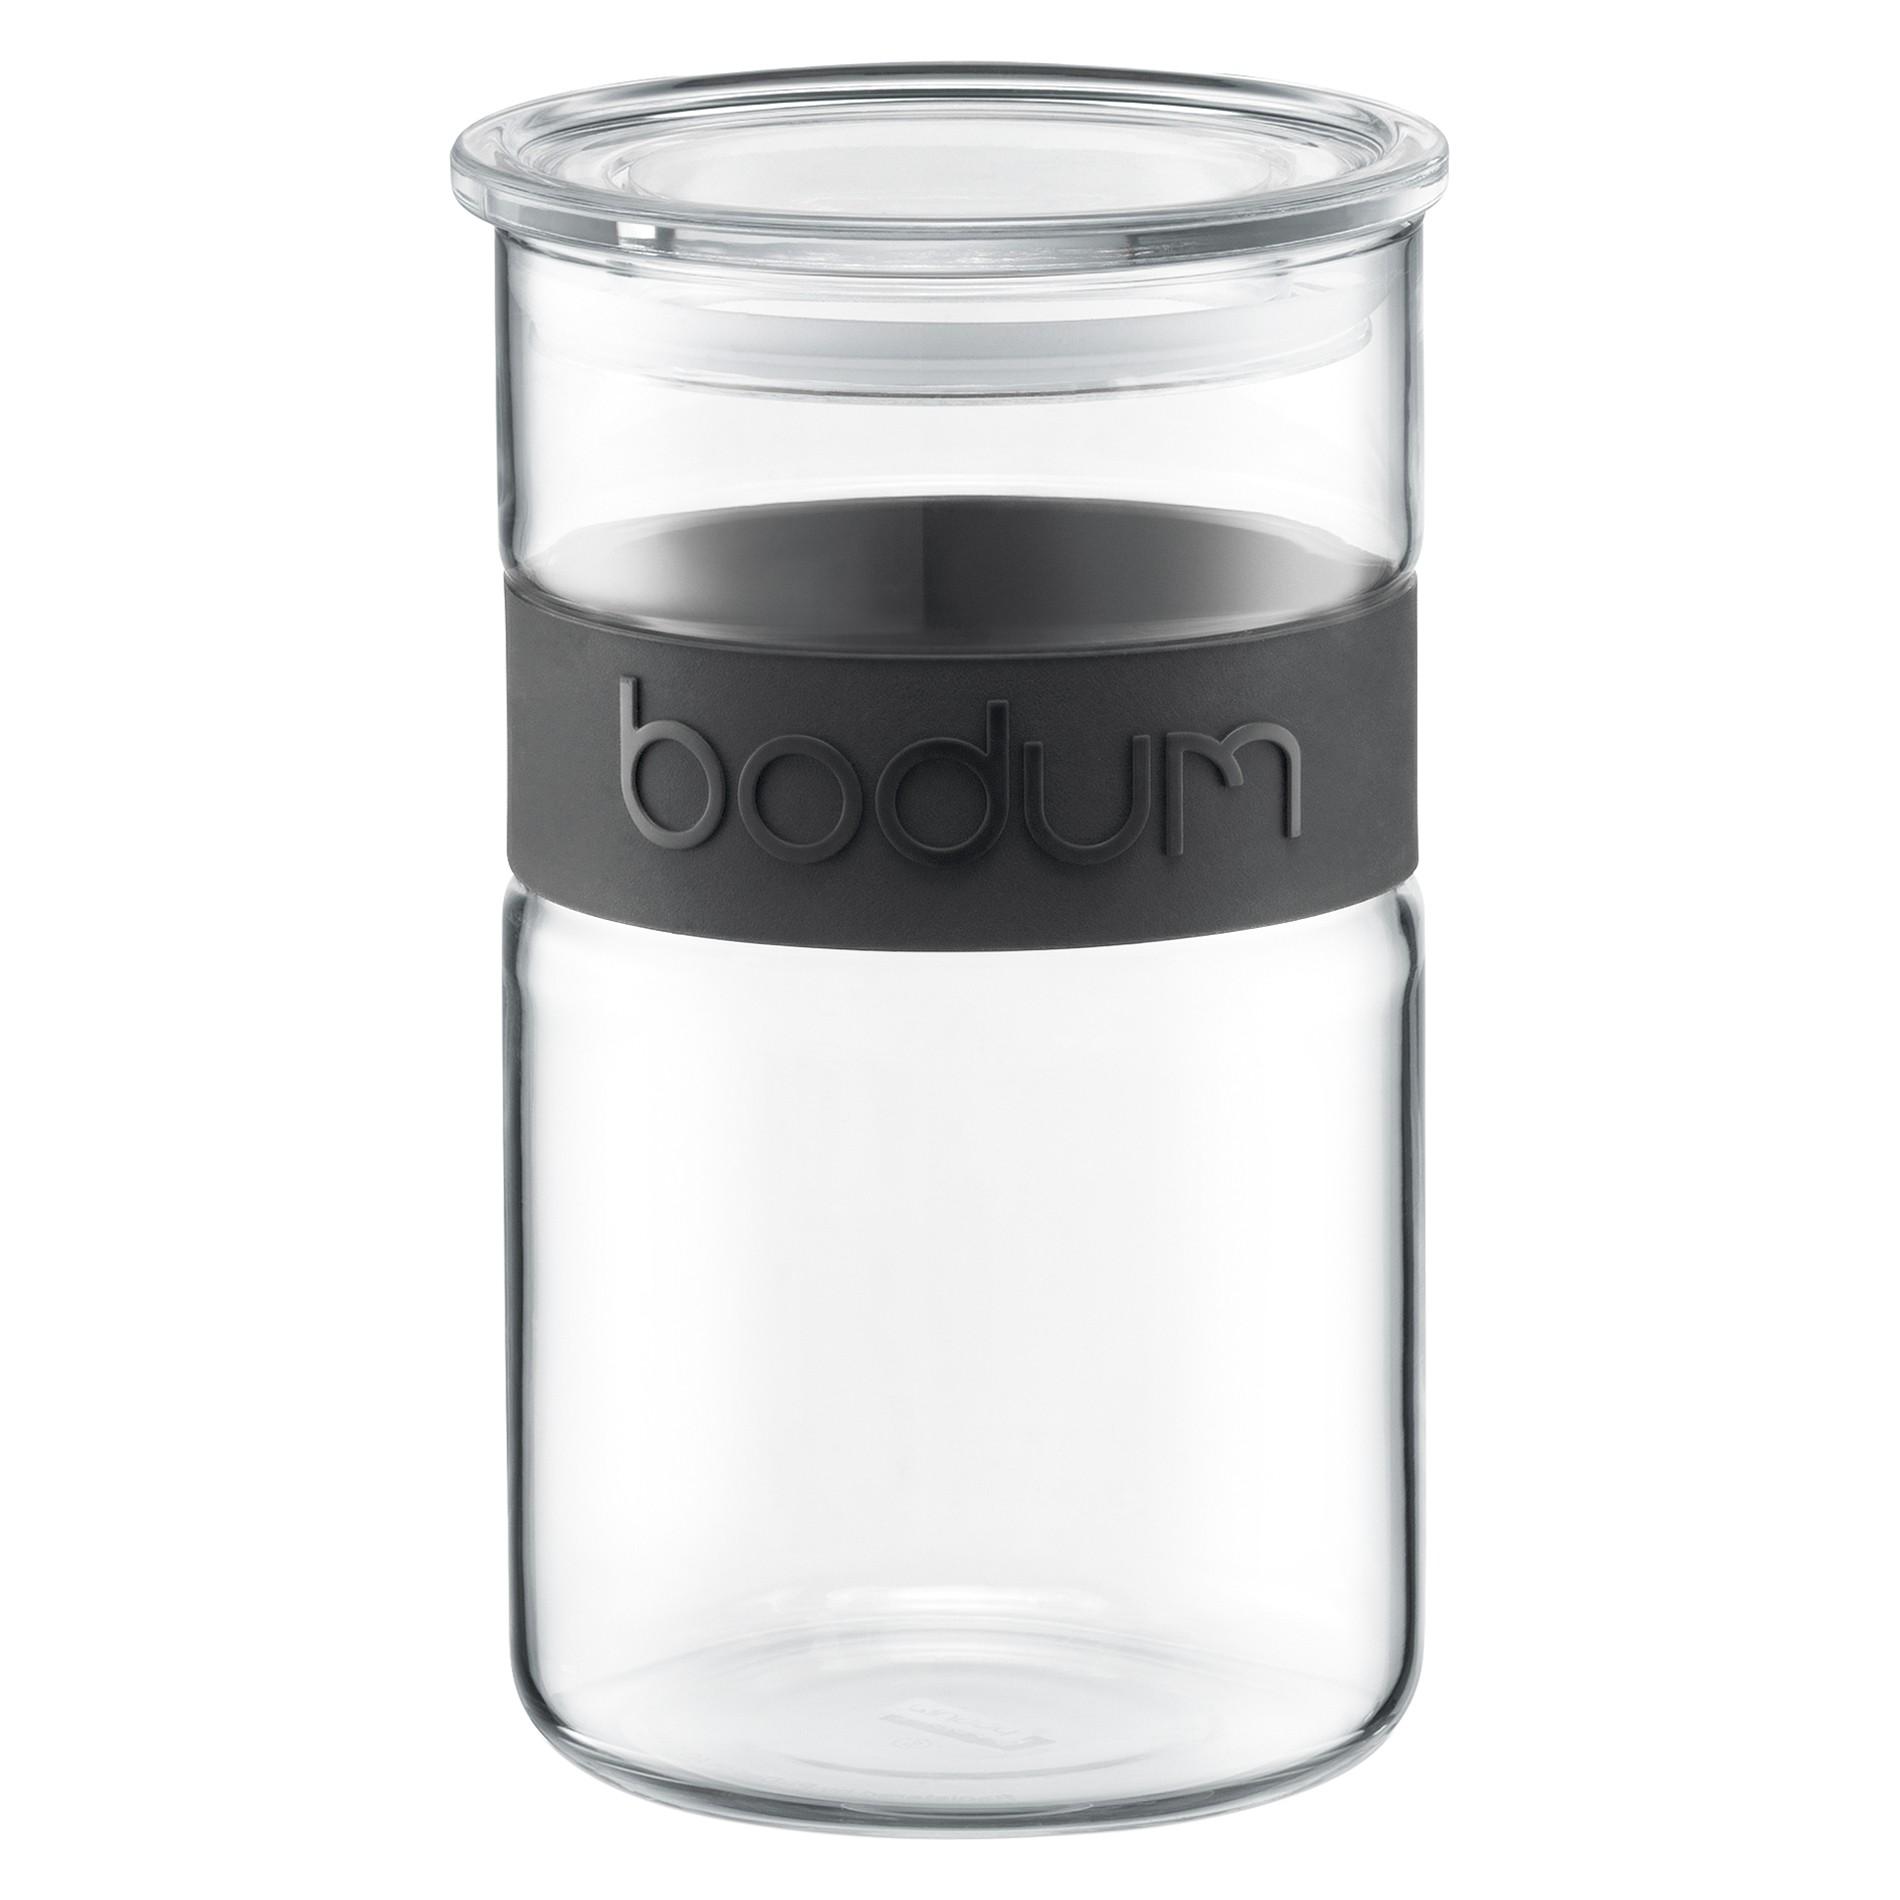 βάζο bodum γυάλινο μαύρο 1 lit home   ειδη cafe τσαϊ   δοχεία καφε   ζάχαρης